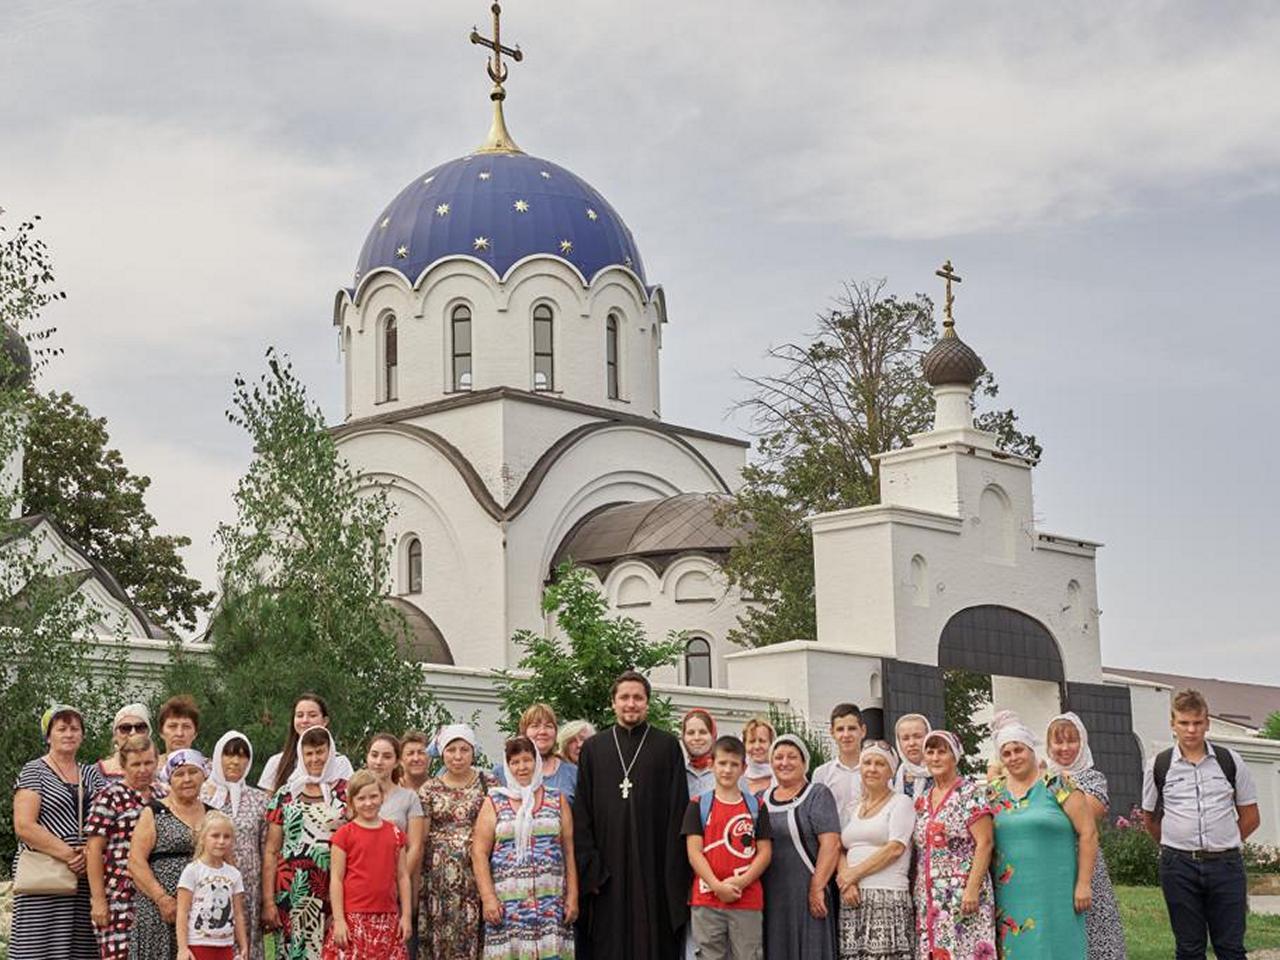 Паломническая поездка на подворье женского монастыря в честь иконы Божией Матери «Всецарица»